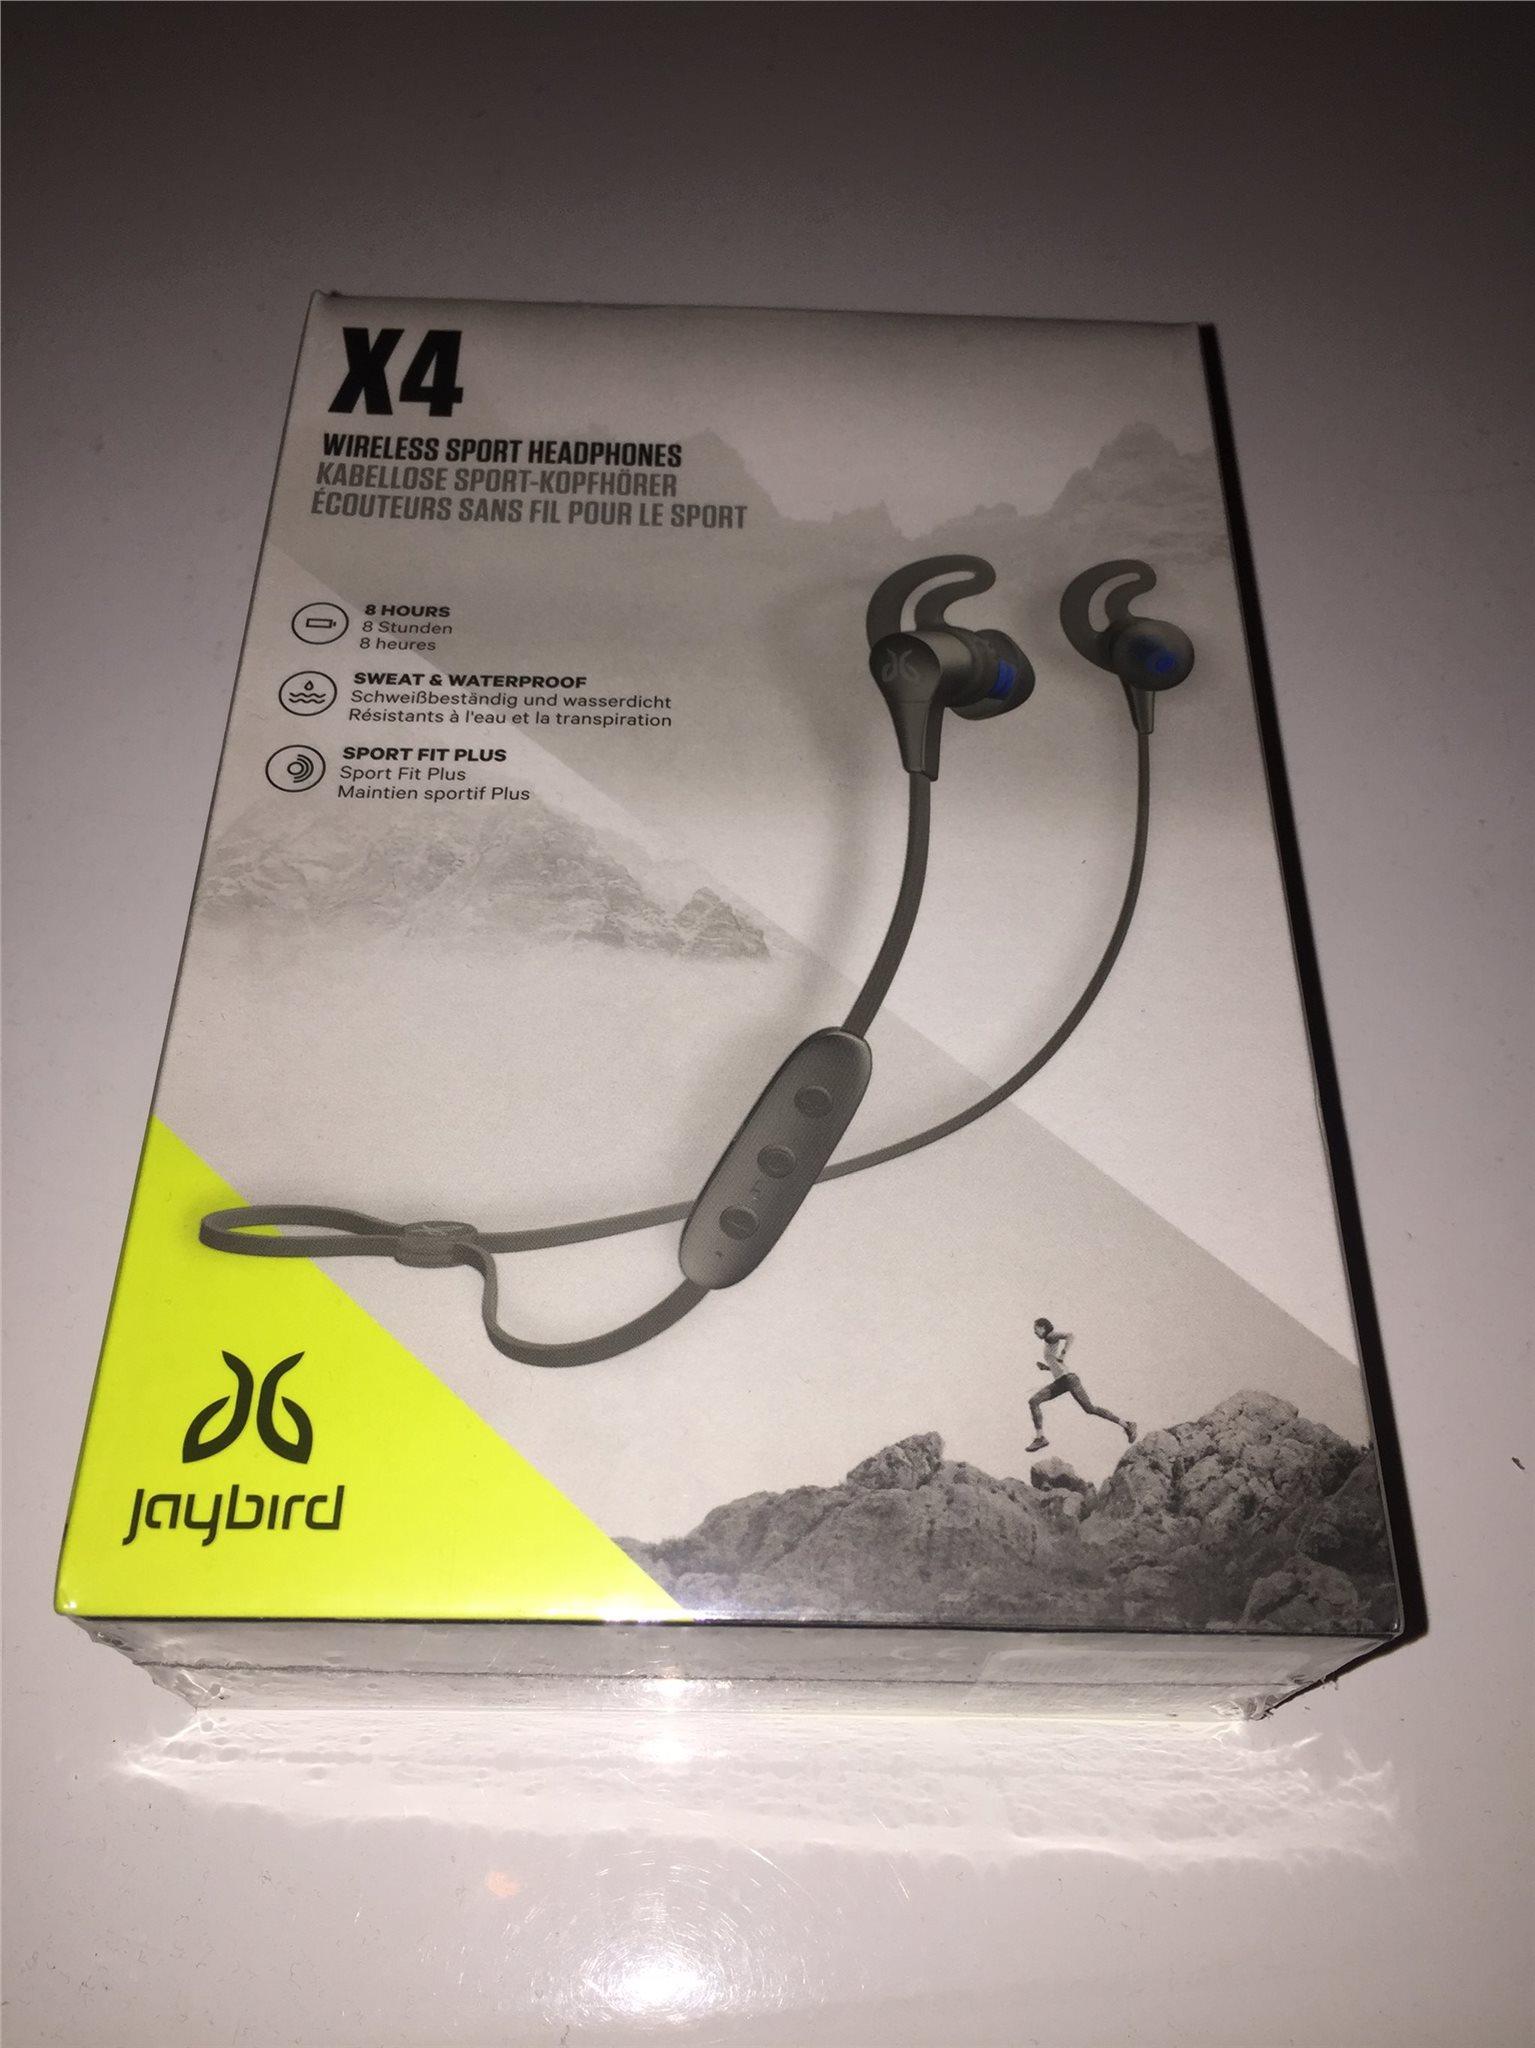 Jaybird X4 (trådlösa hörlurar) (336692025) ᐈ Köp på Tradera af947d88cfc0e